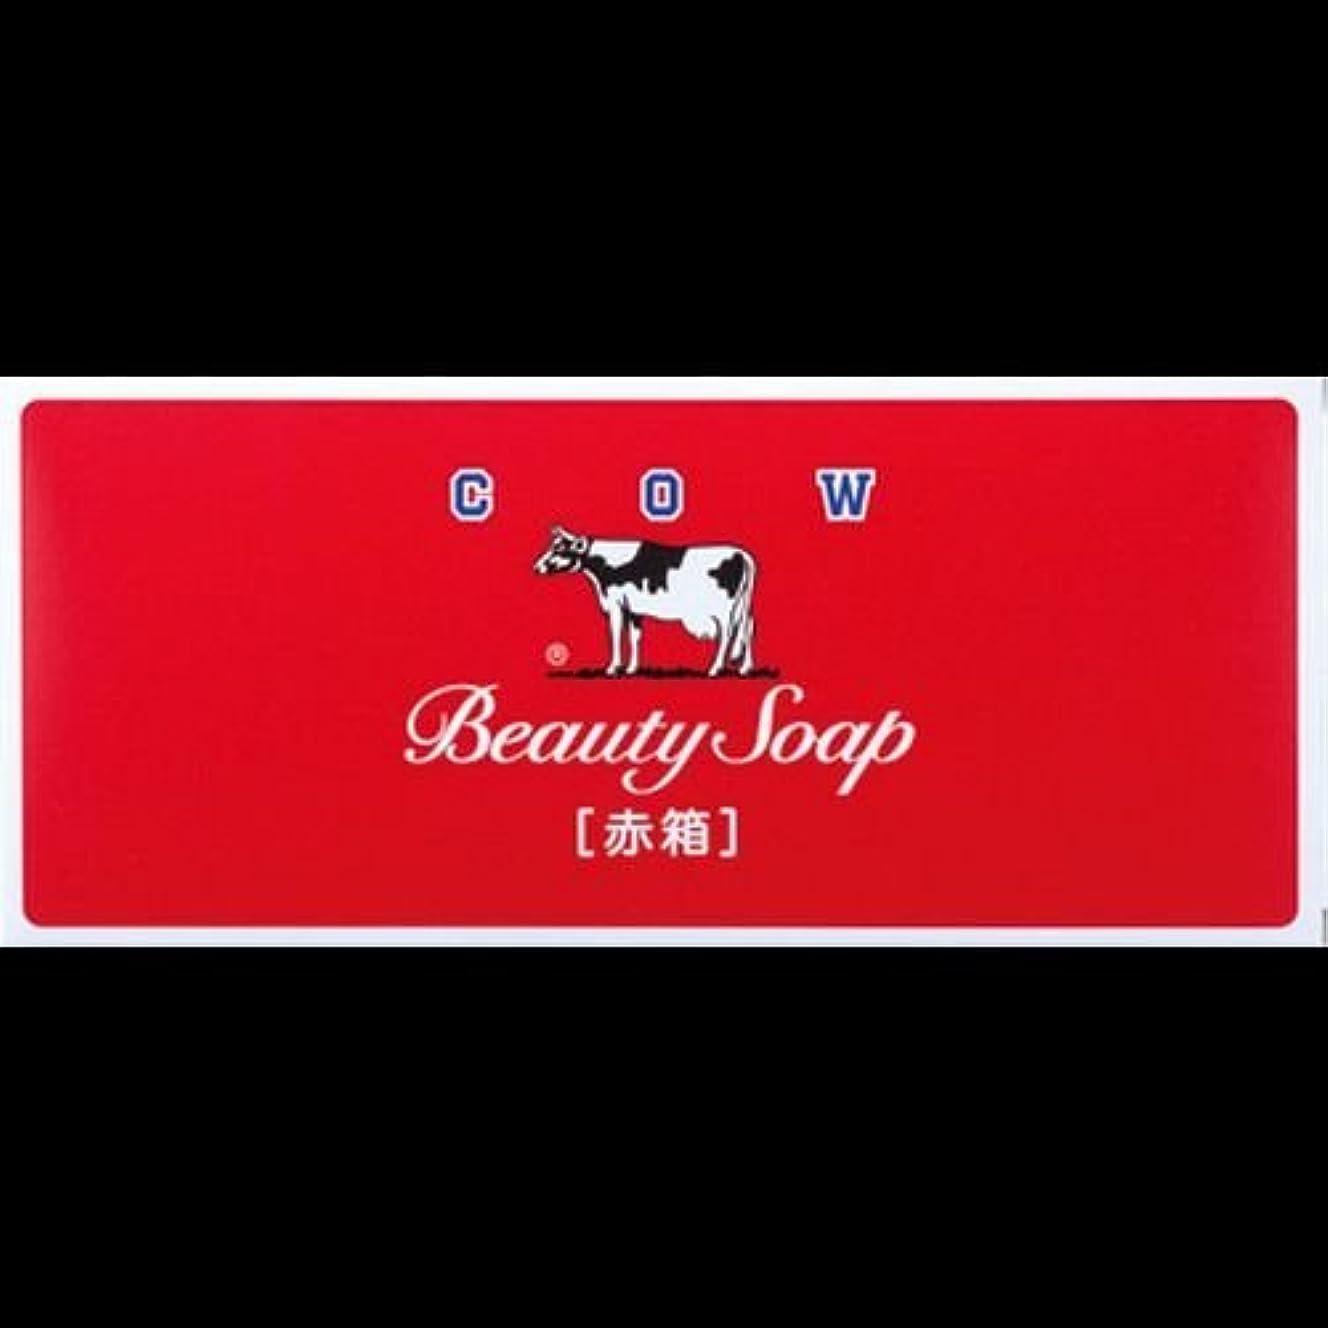 ボウルクリップ運命【まとめ買い】カウブランド石鹸 赤箱100g*6個 ×2セット